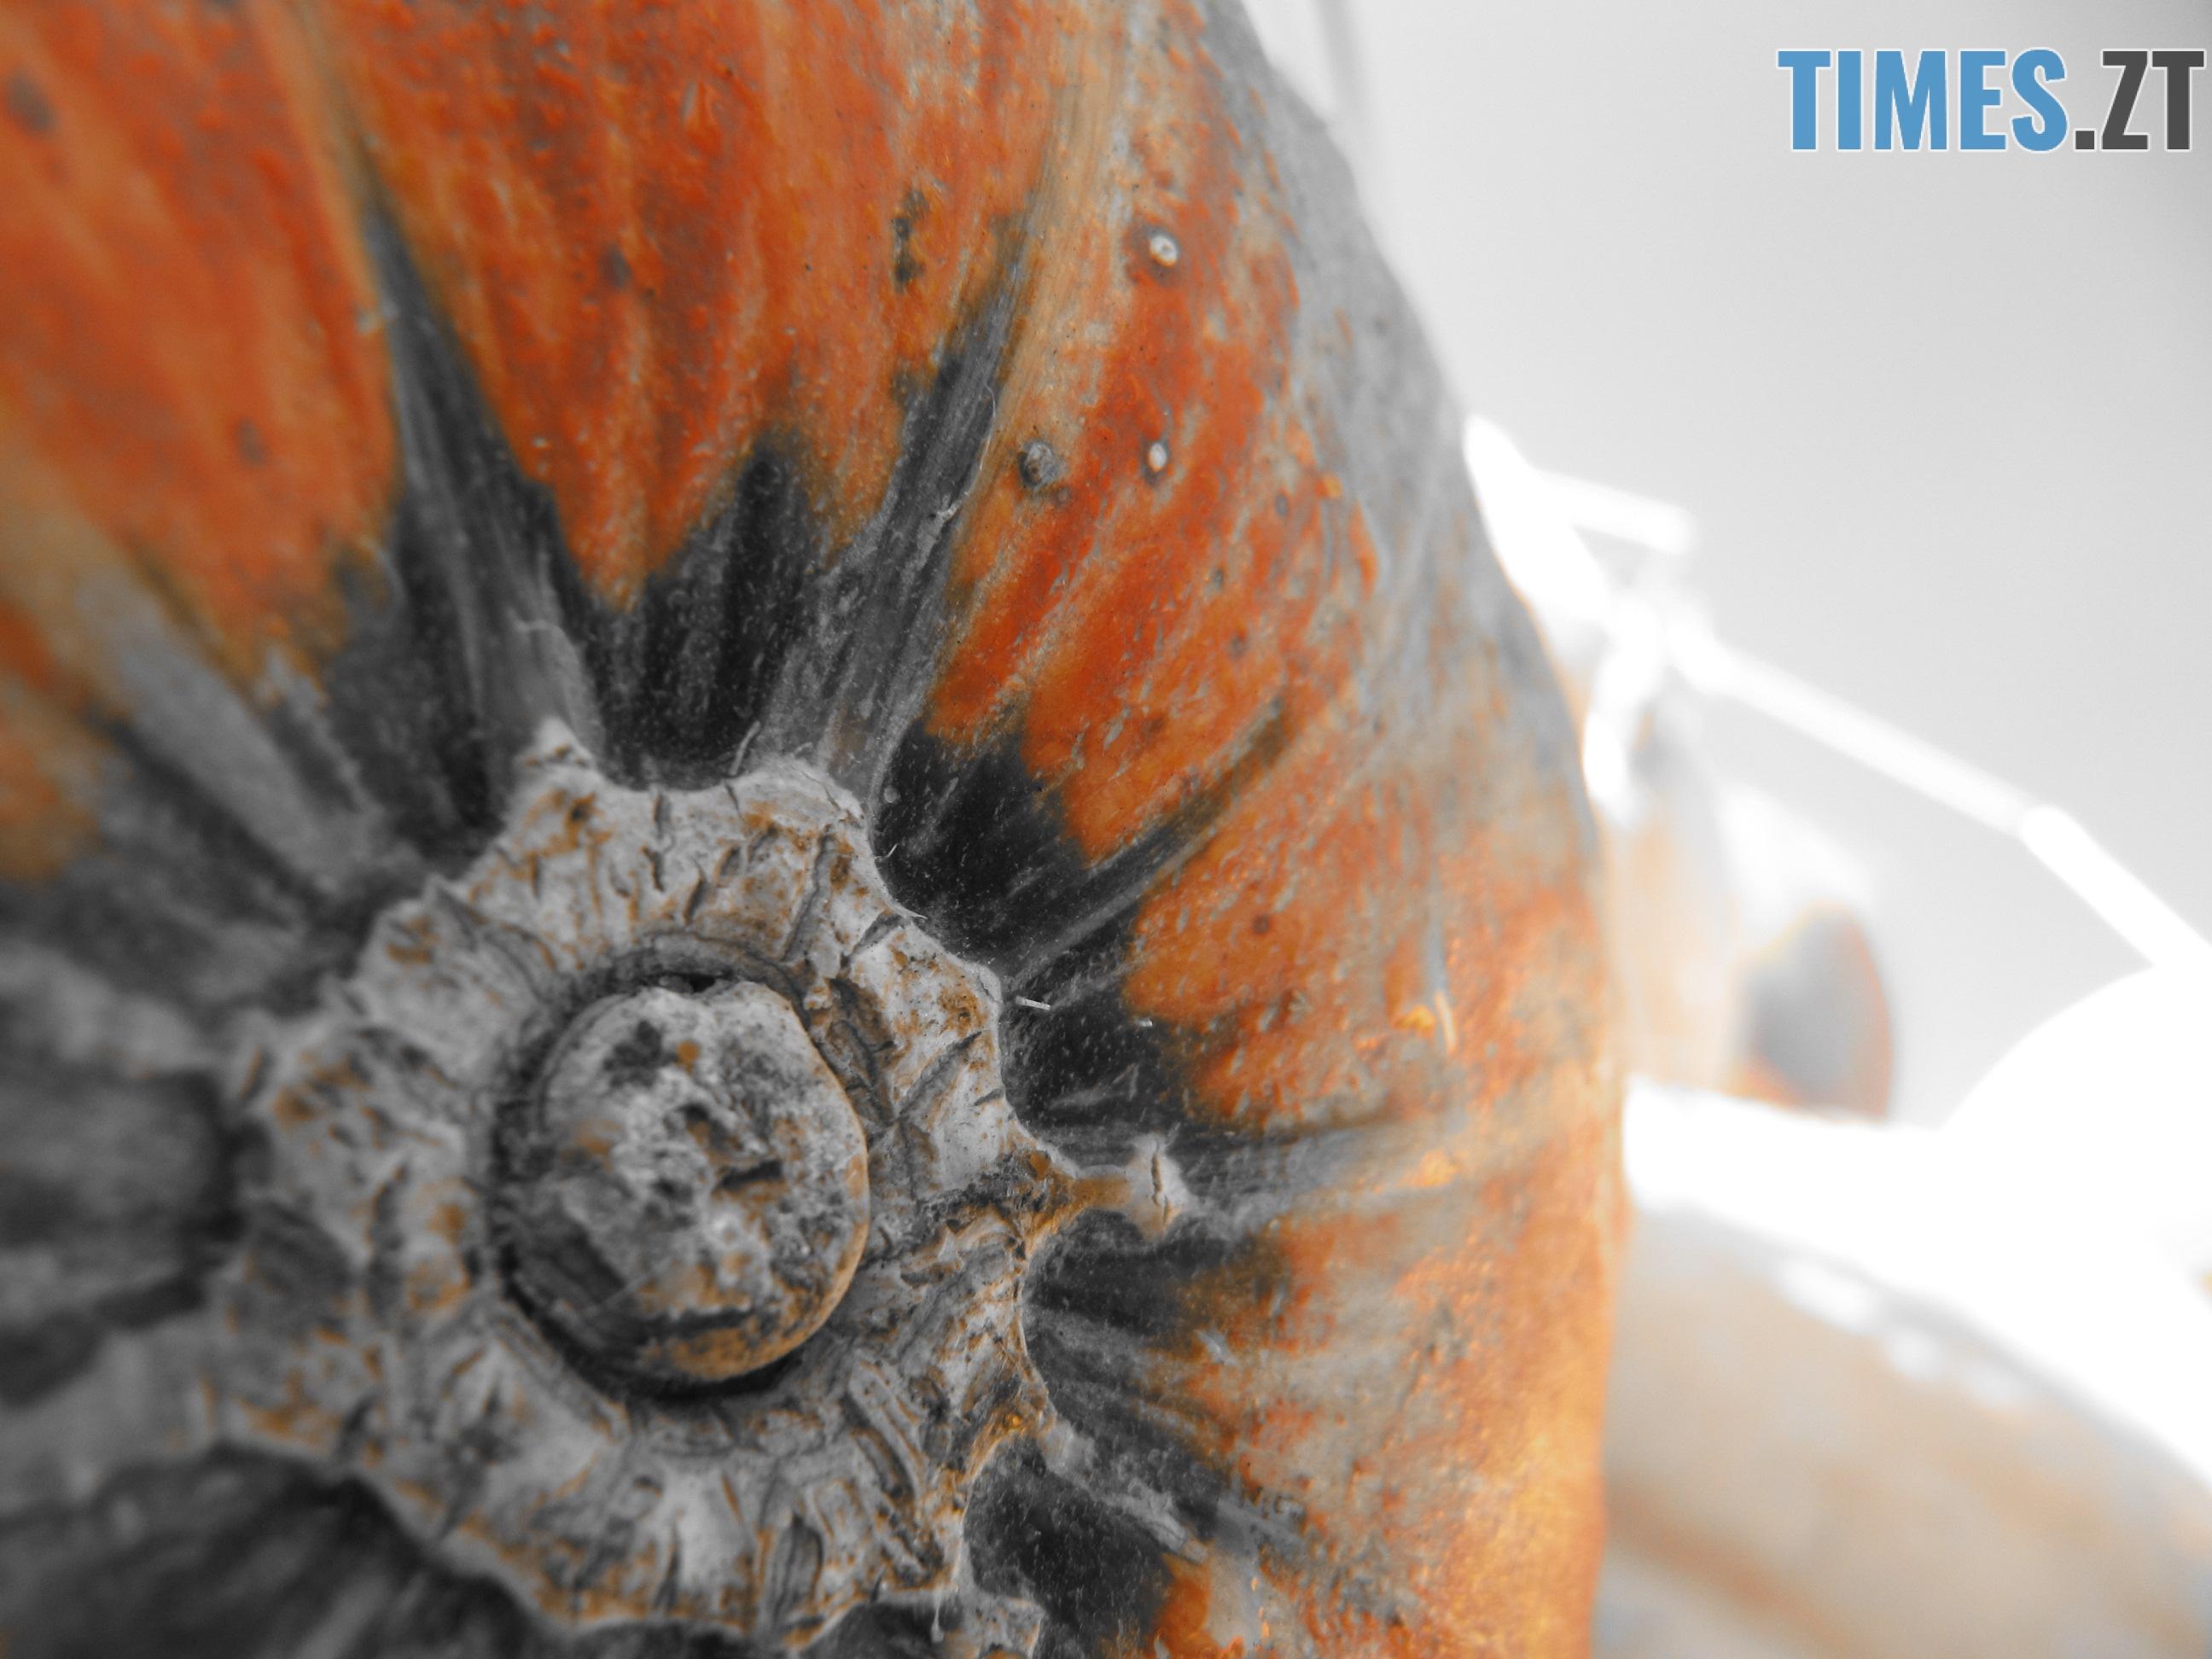 Т. Ріхтер 3 - Осіннє рівнодення: осінь вступила в законні права (ФОТО)